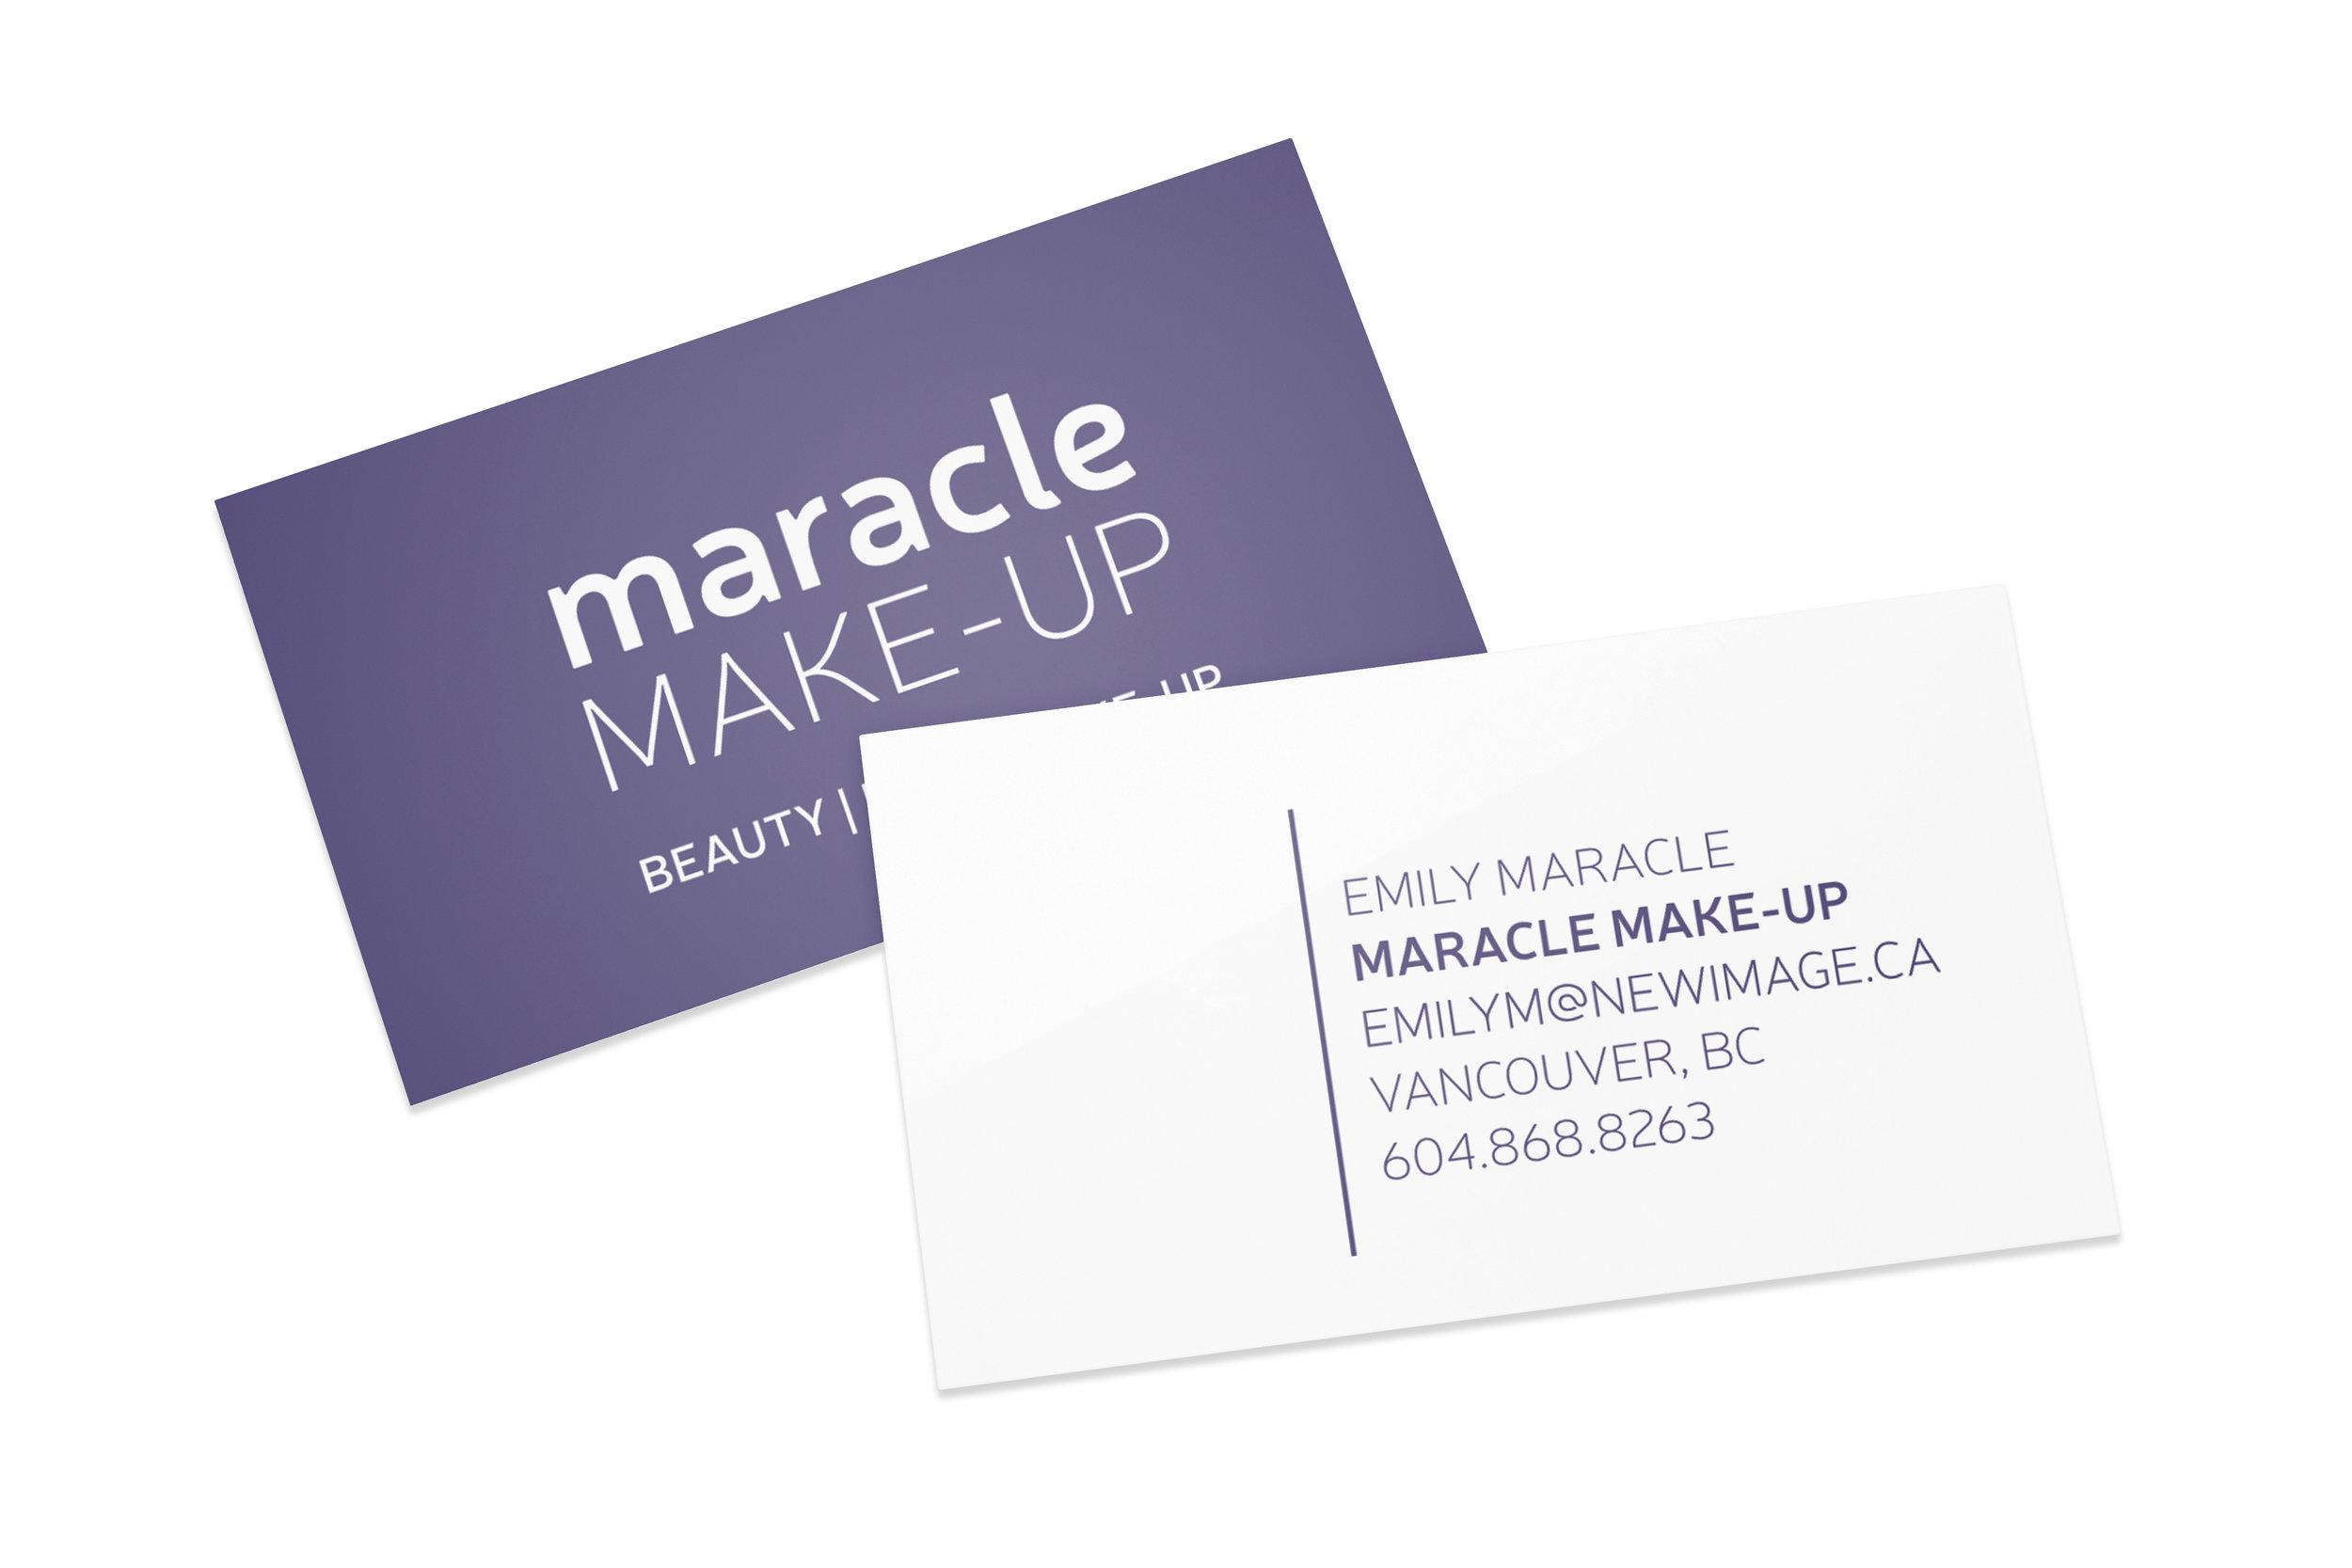 MARACLe_double_offangle.jpg